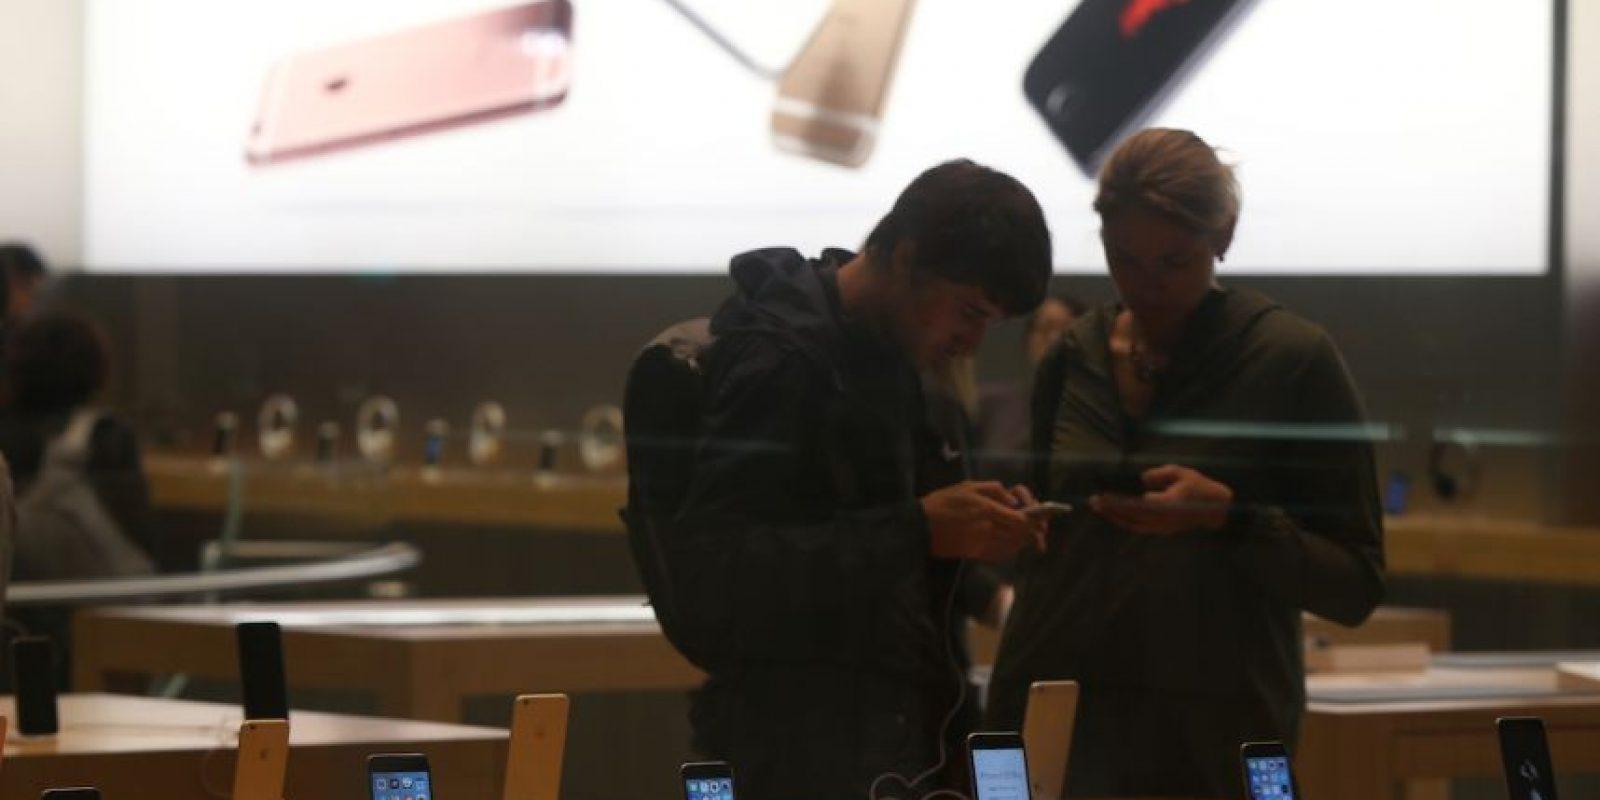 Con 2GB de memoria RAM, el nuevo iPhone puede correr aplicaciones con mayor rapidez, la multitarea se realiza de mejor manera, los sitios web abren en menos tiempo y los juegos tienen fluidez. Foto:Getty Images